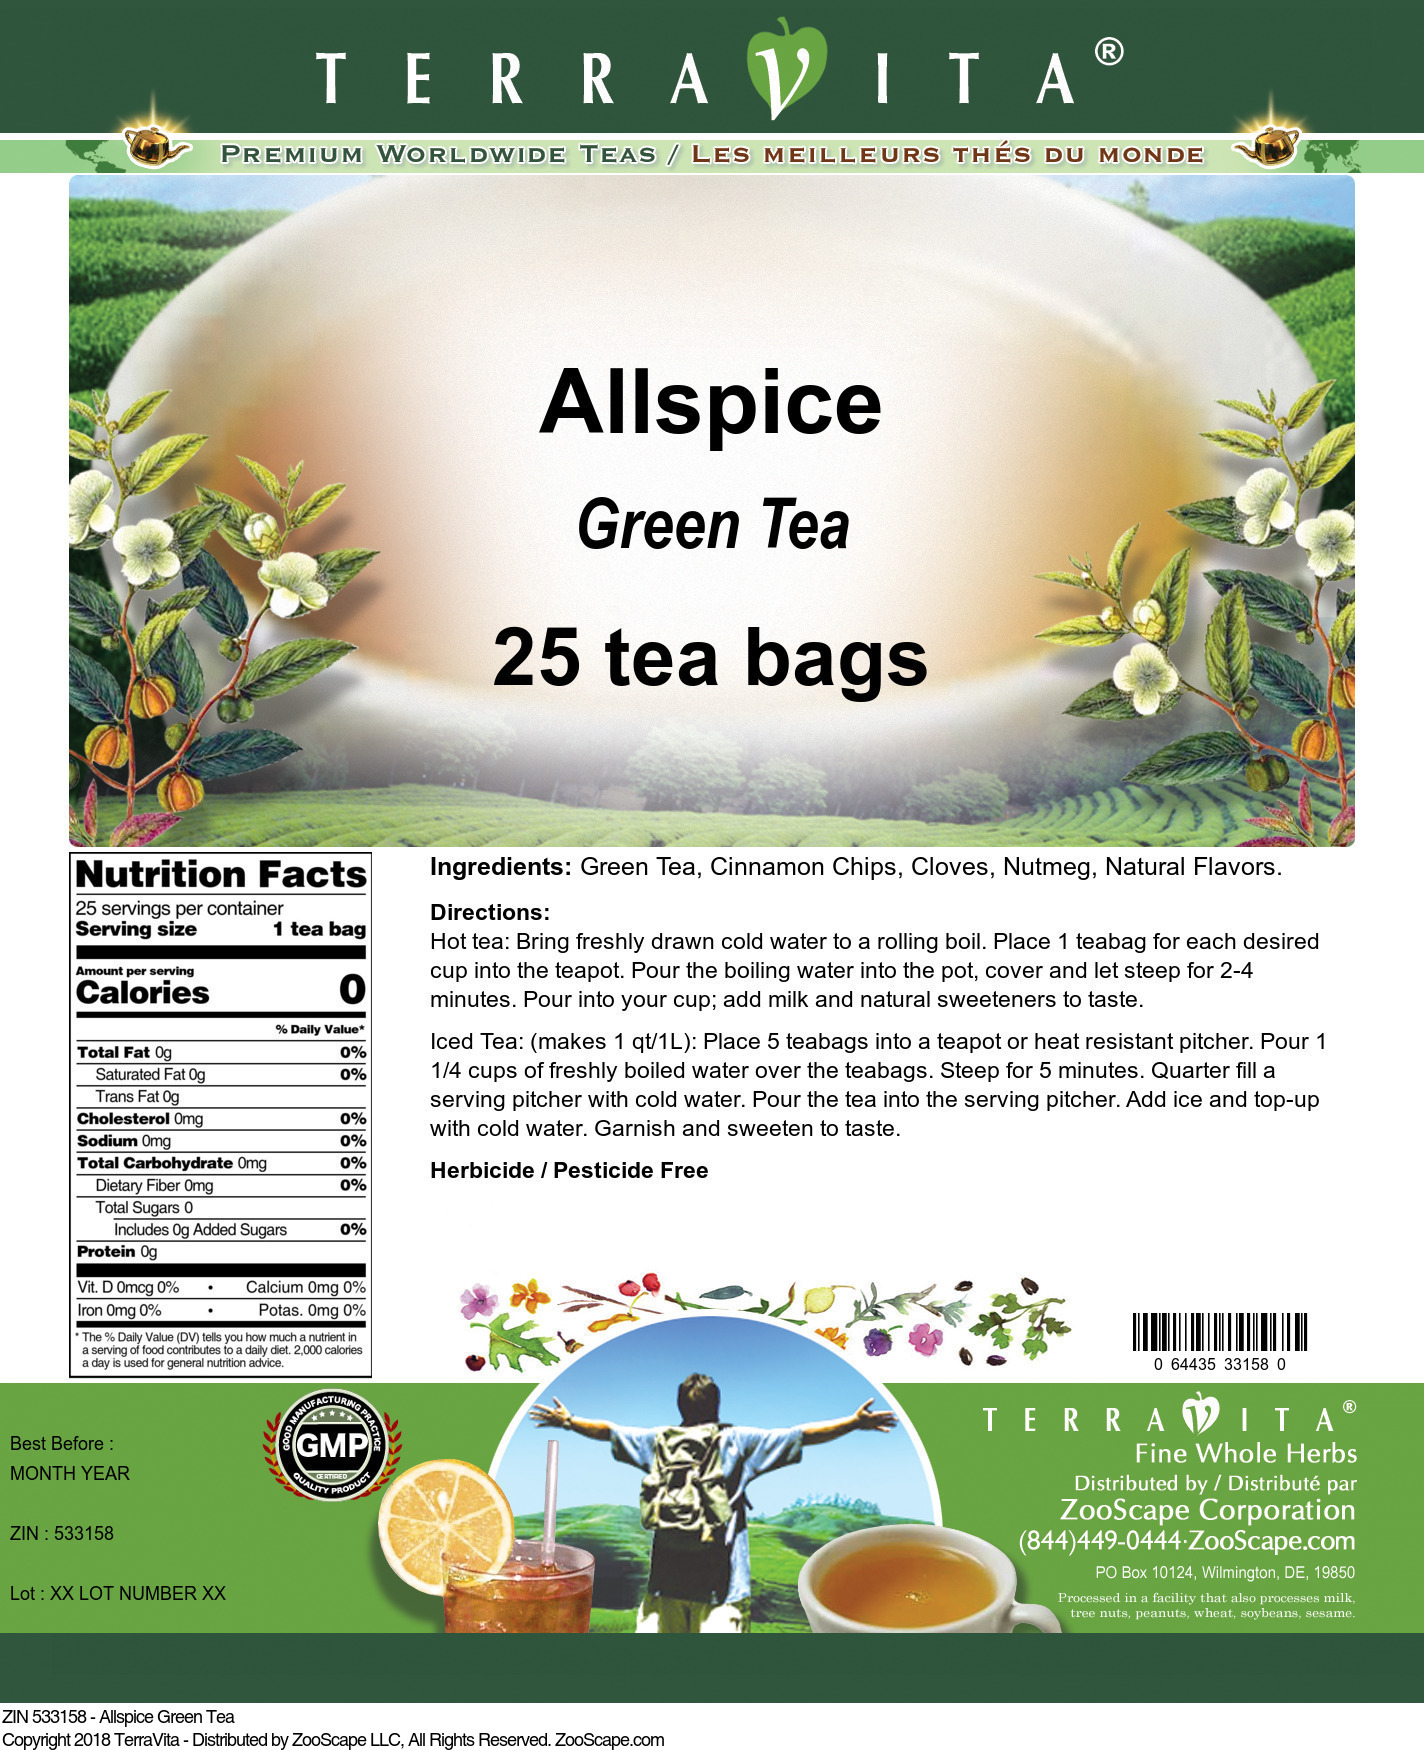 Allspice Green Tea